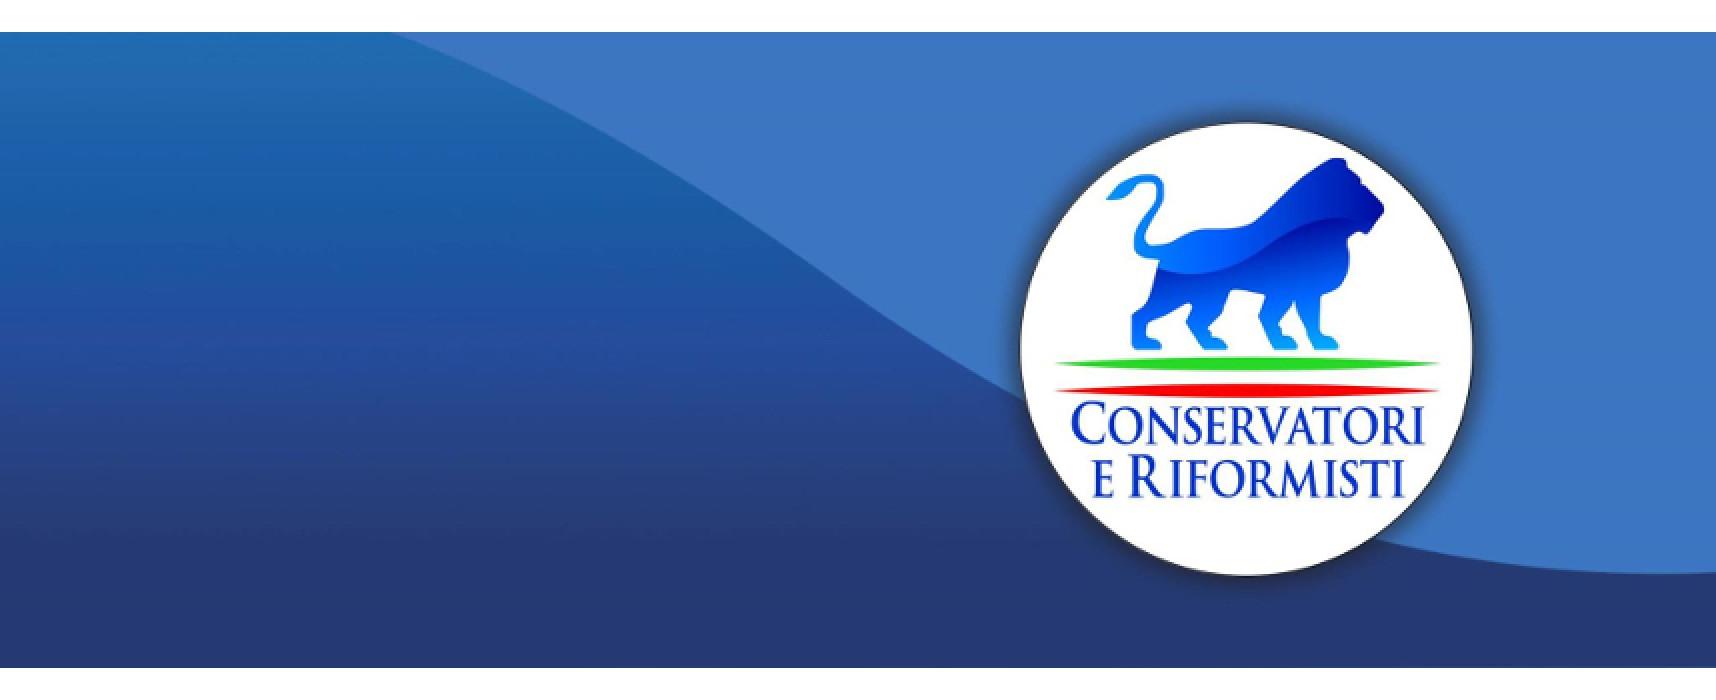 Conservatori e Riformisti, Tonia e Mimmo Spina nel direttivo provinciale del partito